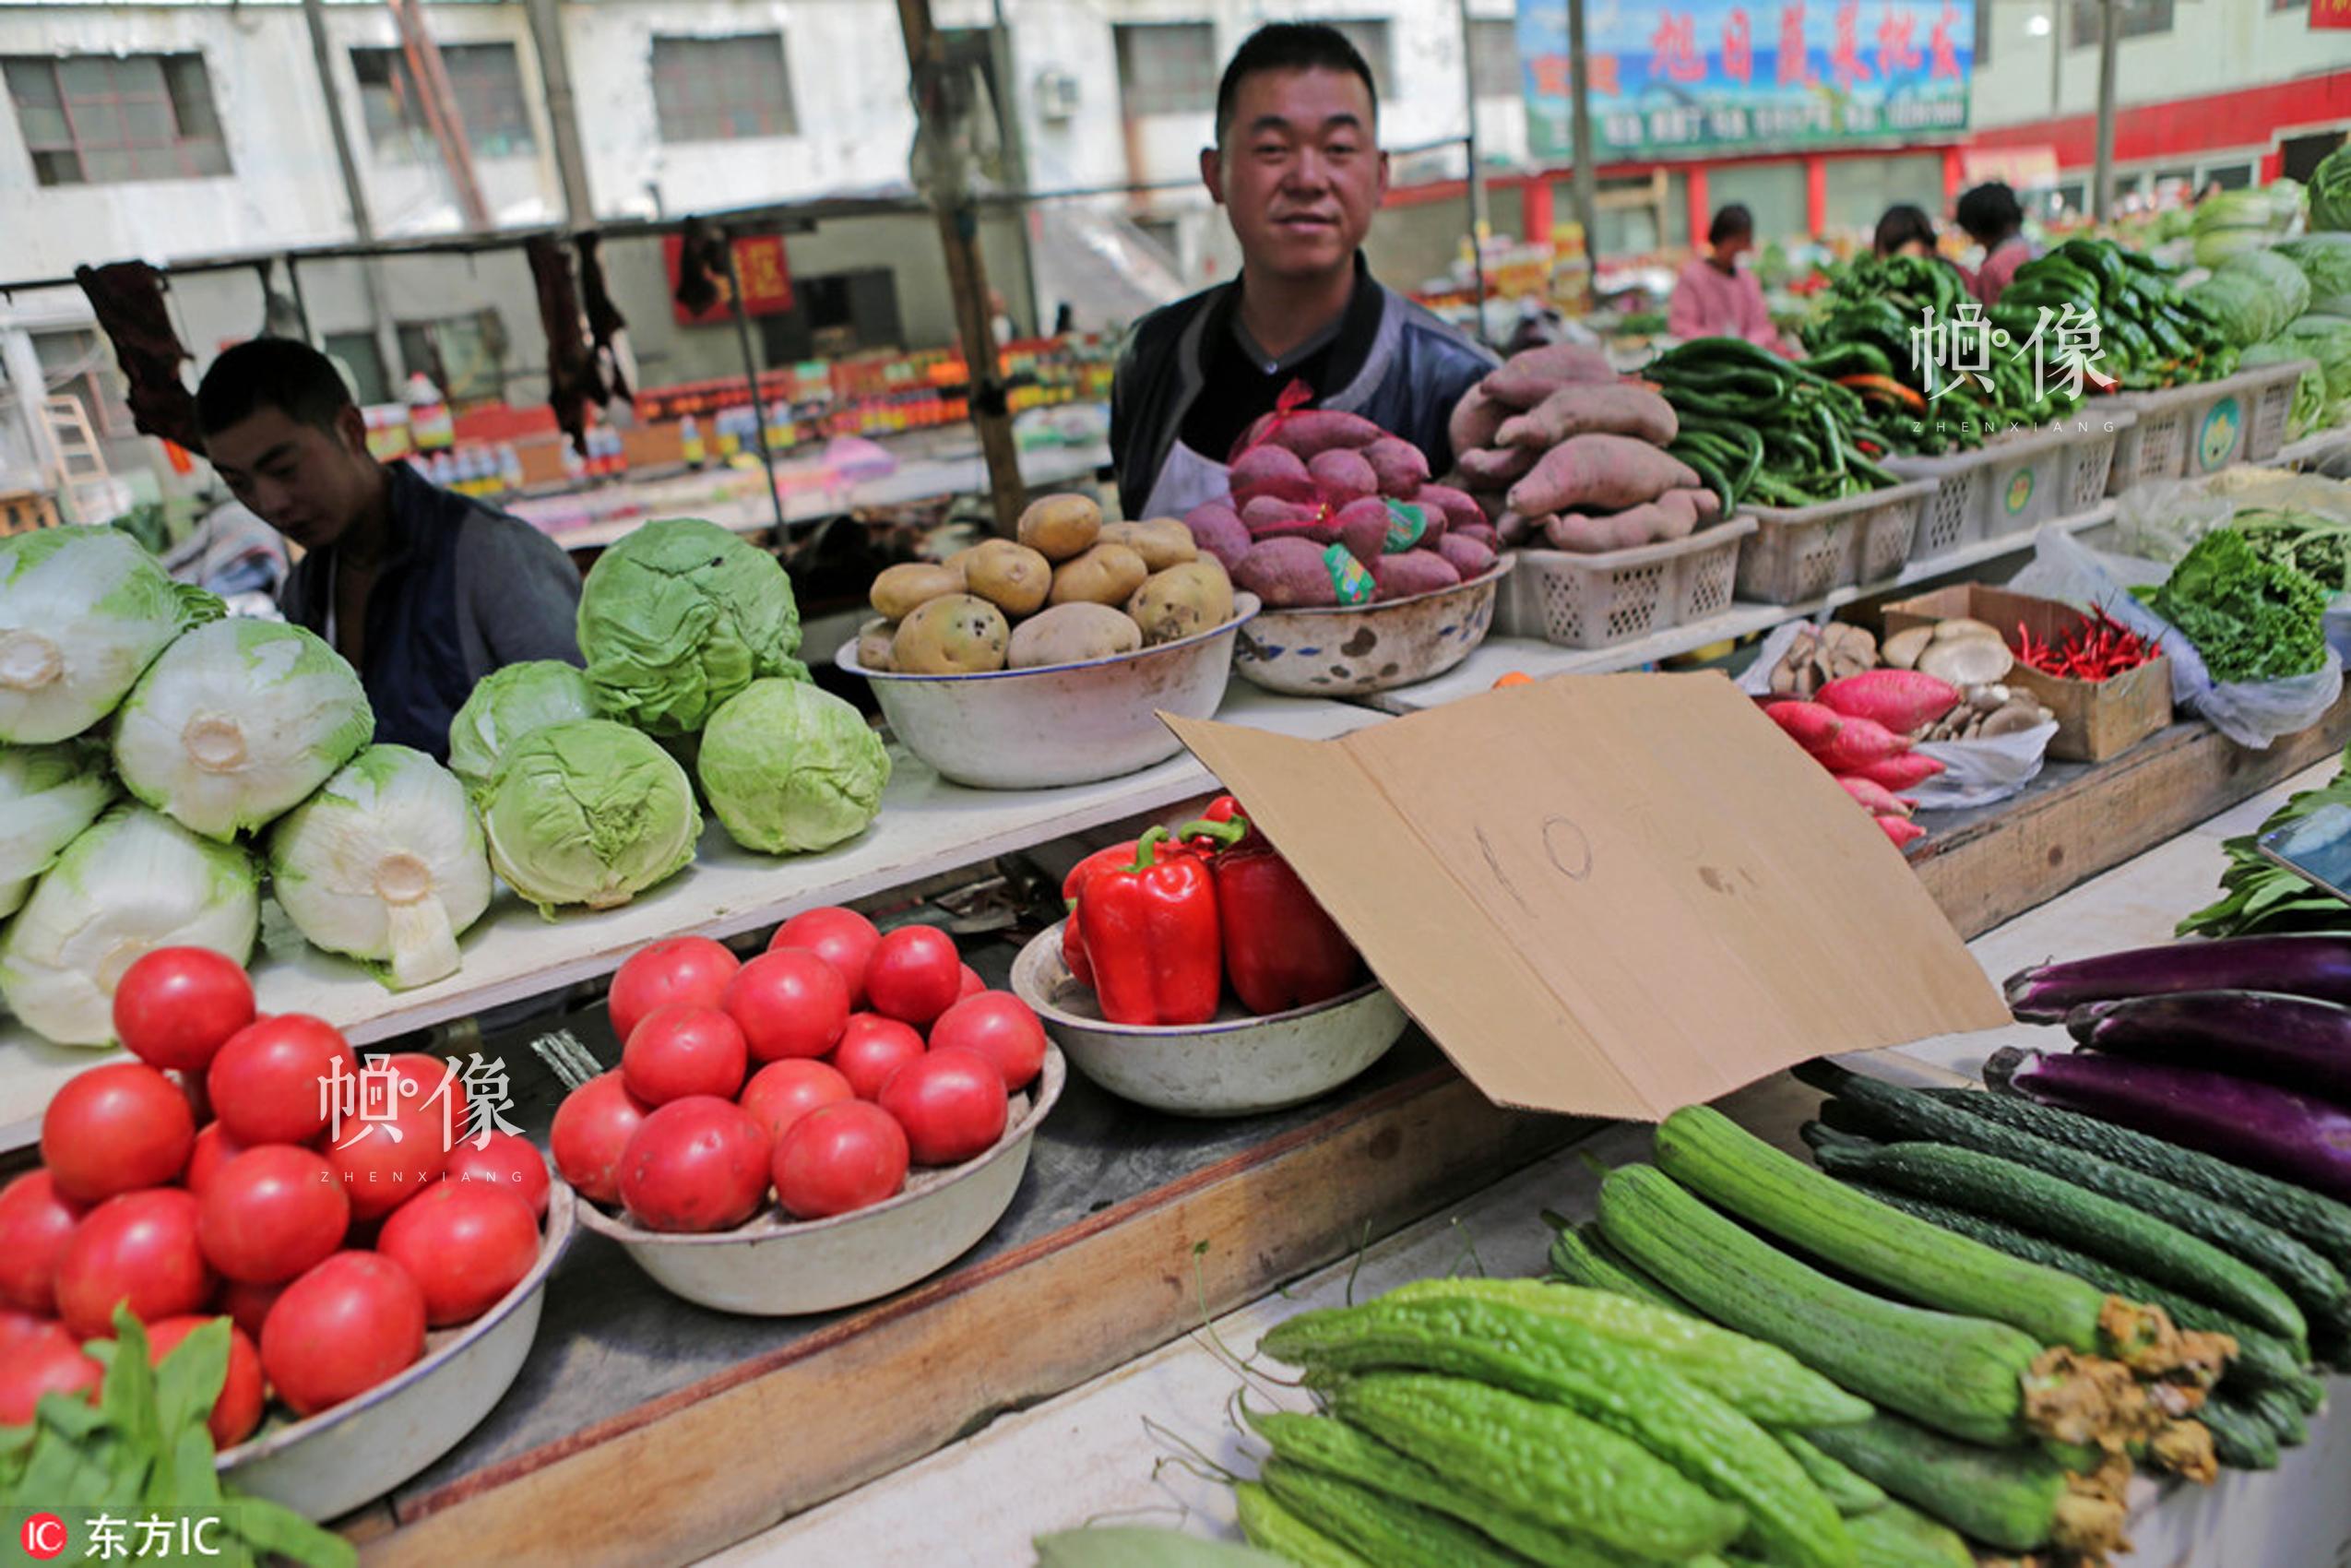 """2014年8月17日,图为海拔4255米西藏阿里地区噶尔县狮泉河镇最大的农贸市场,当地驻扎武警交通部队后勤战士在高原上采用无土栽培技术,让绿色绽放在阿里高原。如今的蔬菜大棚成了新藏线上有名的""""开心农场""""。文武 东方IC"""